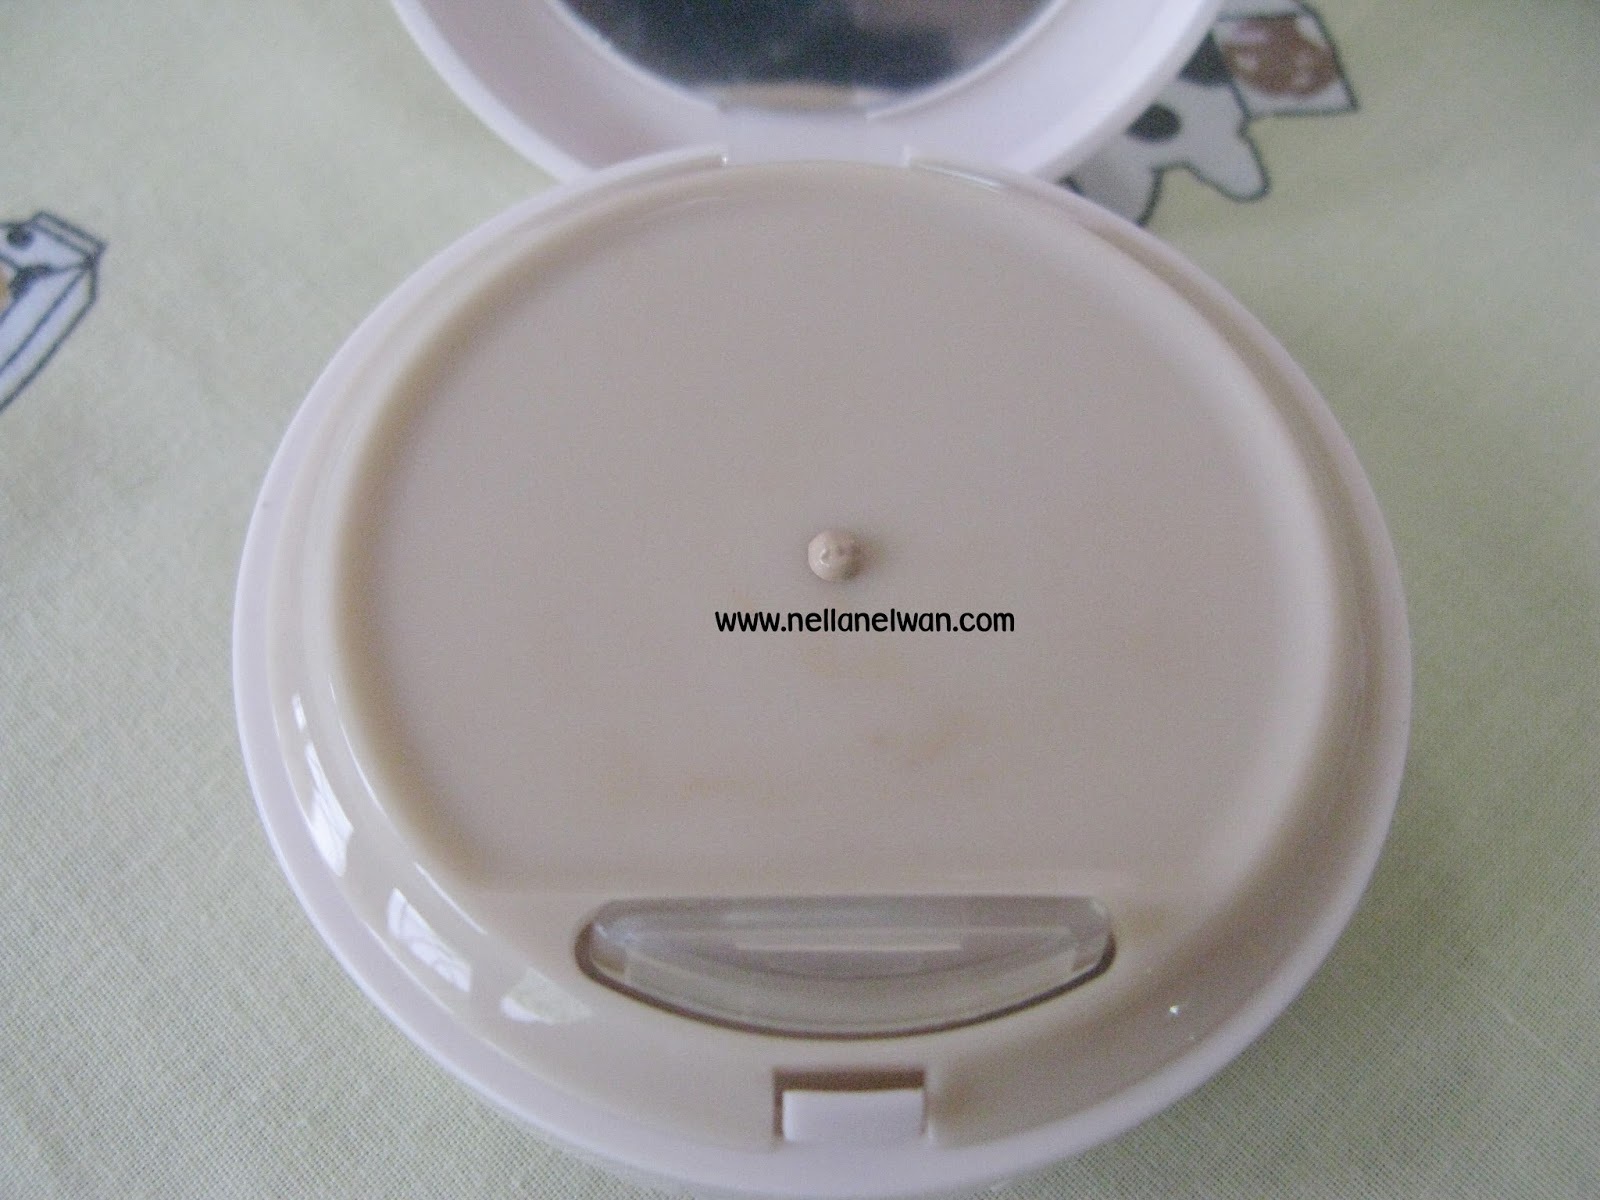 CC cream chảy ra khi ấn nắp bơm